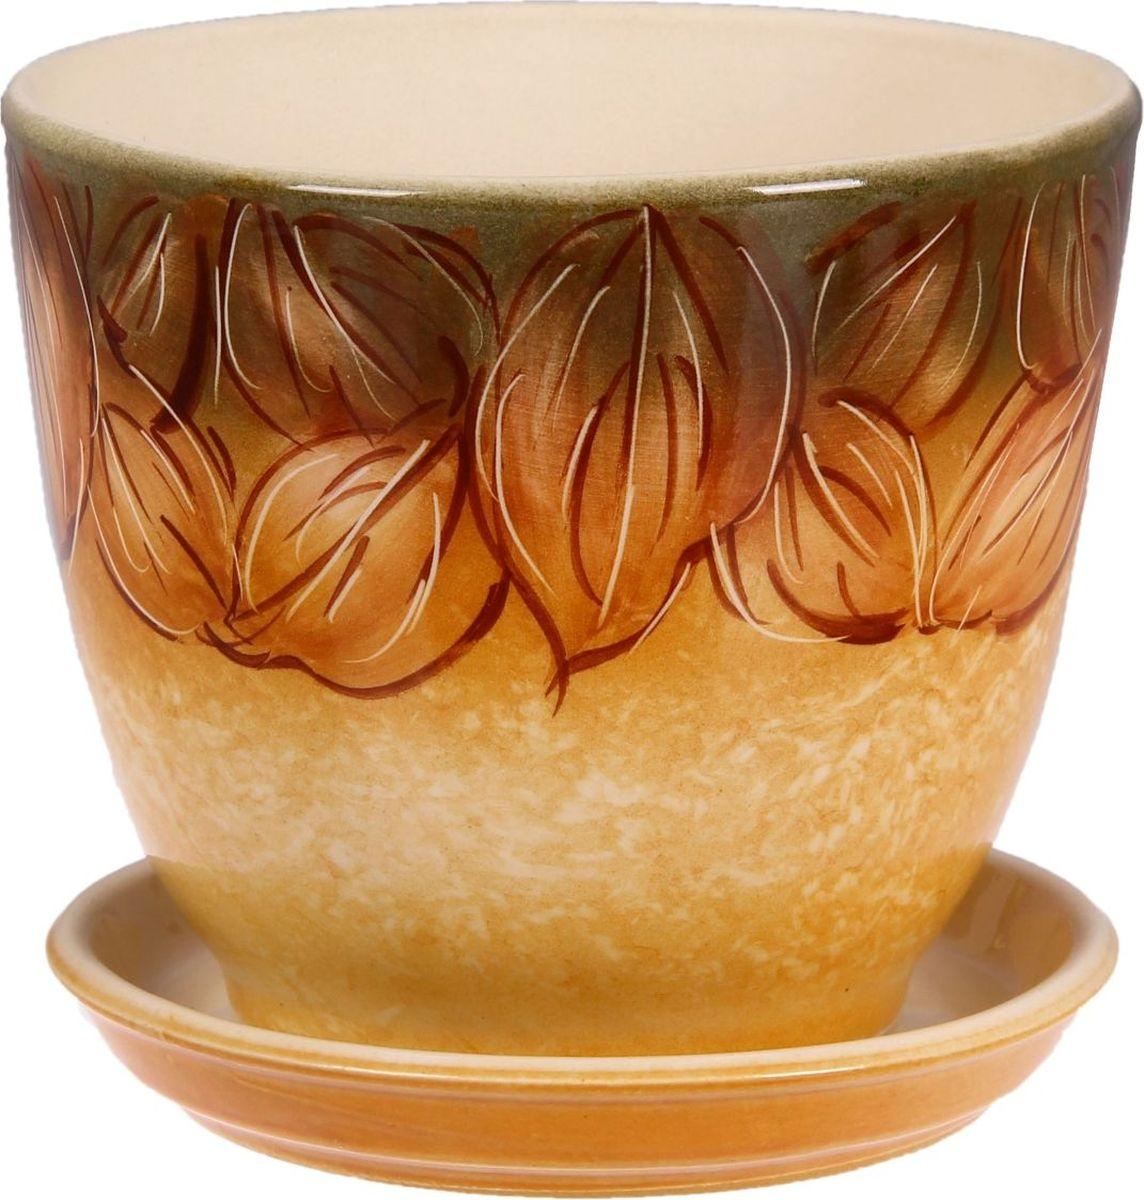 Кашпо Керамика ручной работы Кедр. Листья, 2,2 л1099336Комнатные растения — всеобщие любимцы. Они радуют глаз, насыщают помещение кислородом и украшают пространство. Каждому из них необходим свой удобный и красивый дом. Кашпо из керамики прекрасно подходят для высадки растений: за счет пластичности глины и разных способов обработки существует великое множество форм и дизайнов пористый материал позволяет испаряться лишней влаге воздух, необходимый для дыхания корней, проникает сквозь керамические стенки! позаботится о зеленом питомце, освежит интерьер и подчеркнет его стиль.